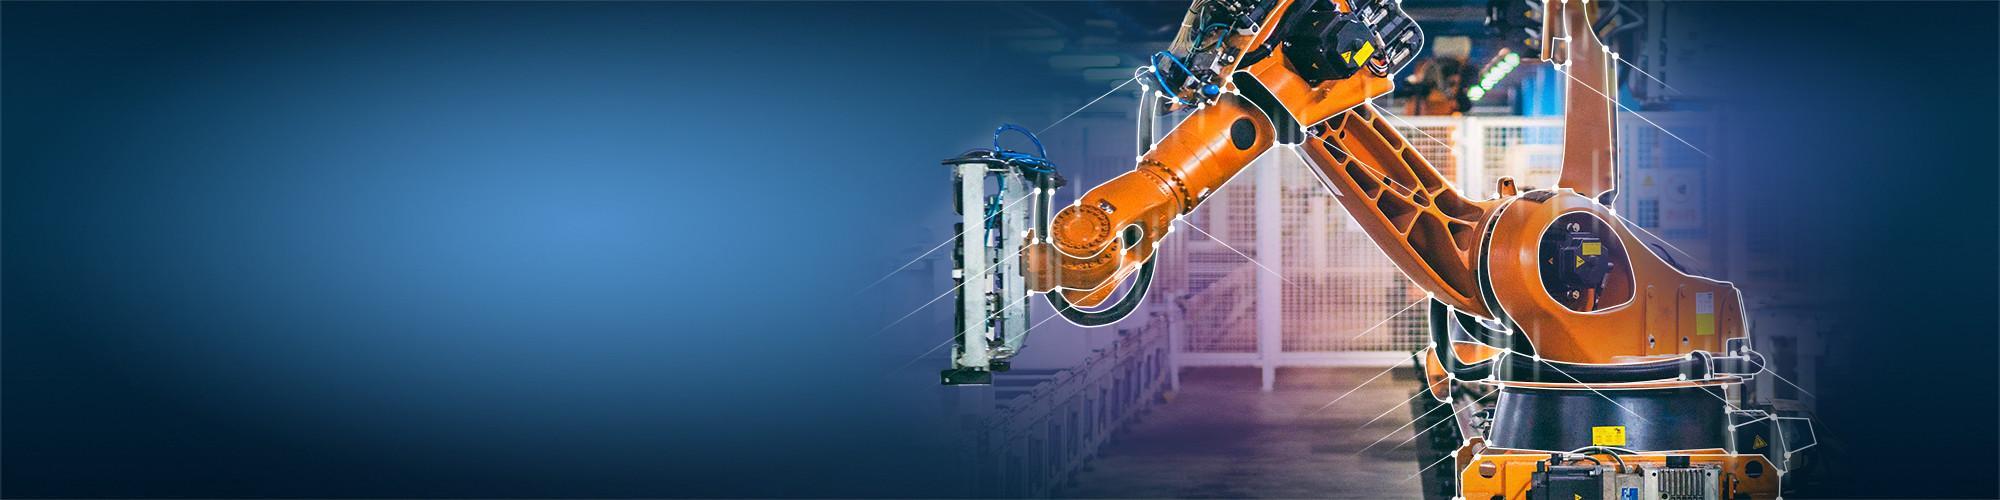 Orange robot arm connected dots